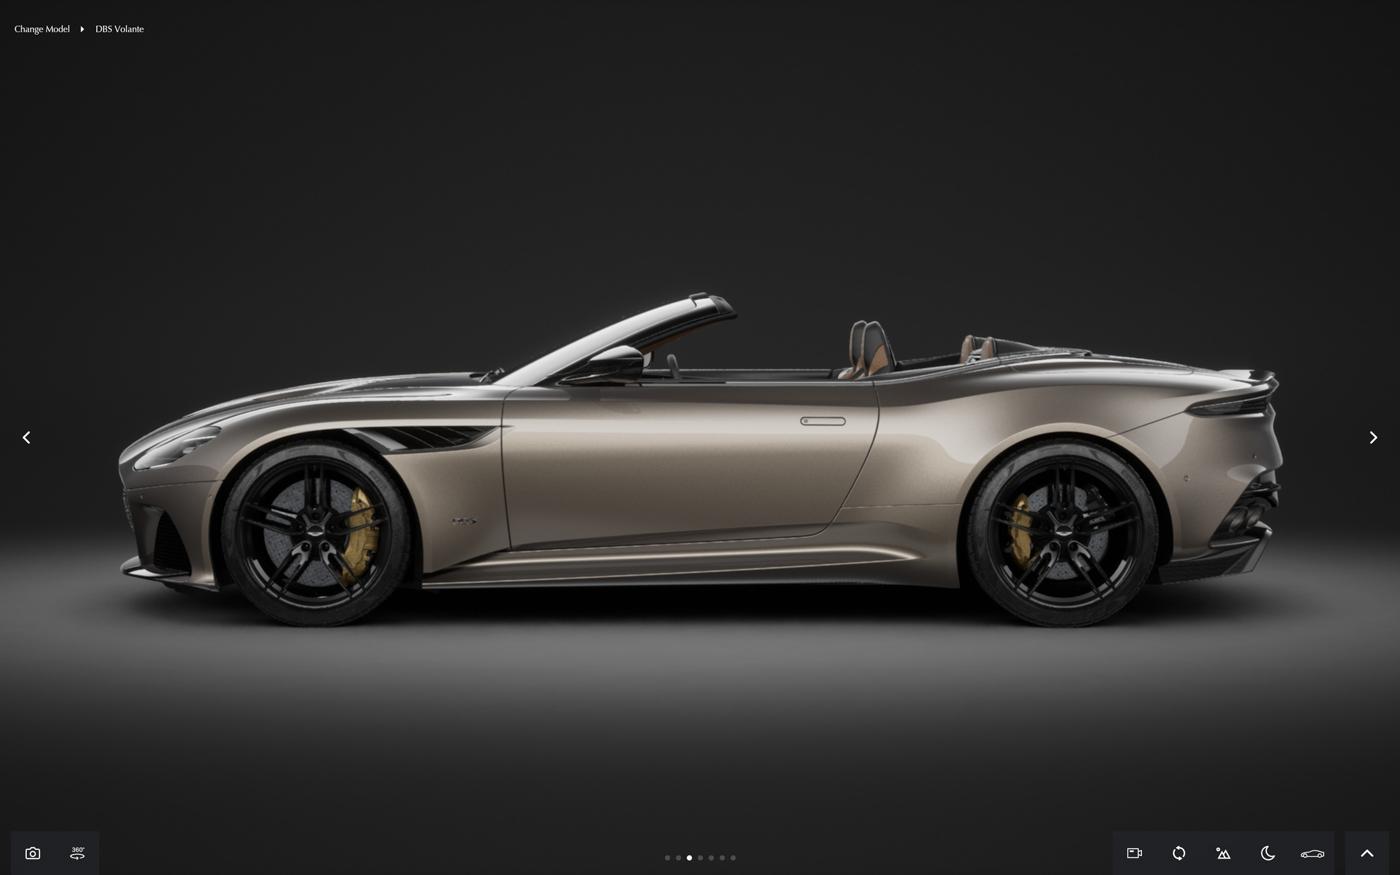 Aston-Martin-công-bố-nâng-cấp-cho-đời-xe-2022-8.jpg